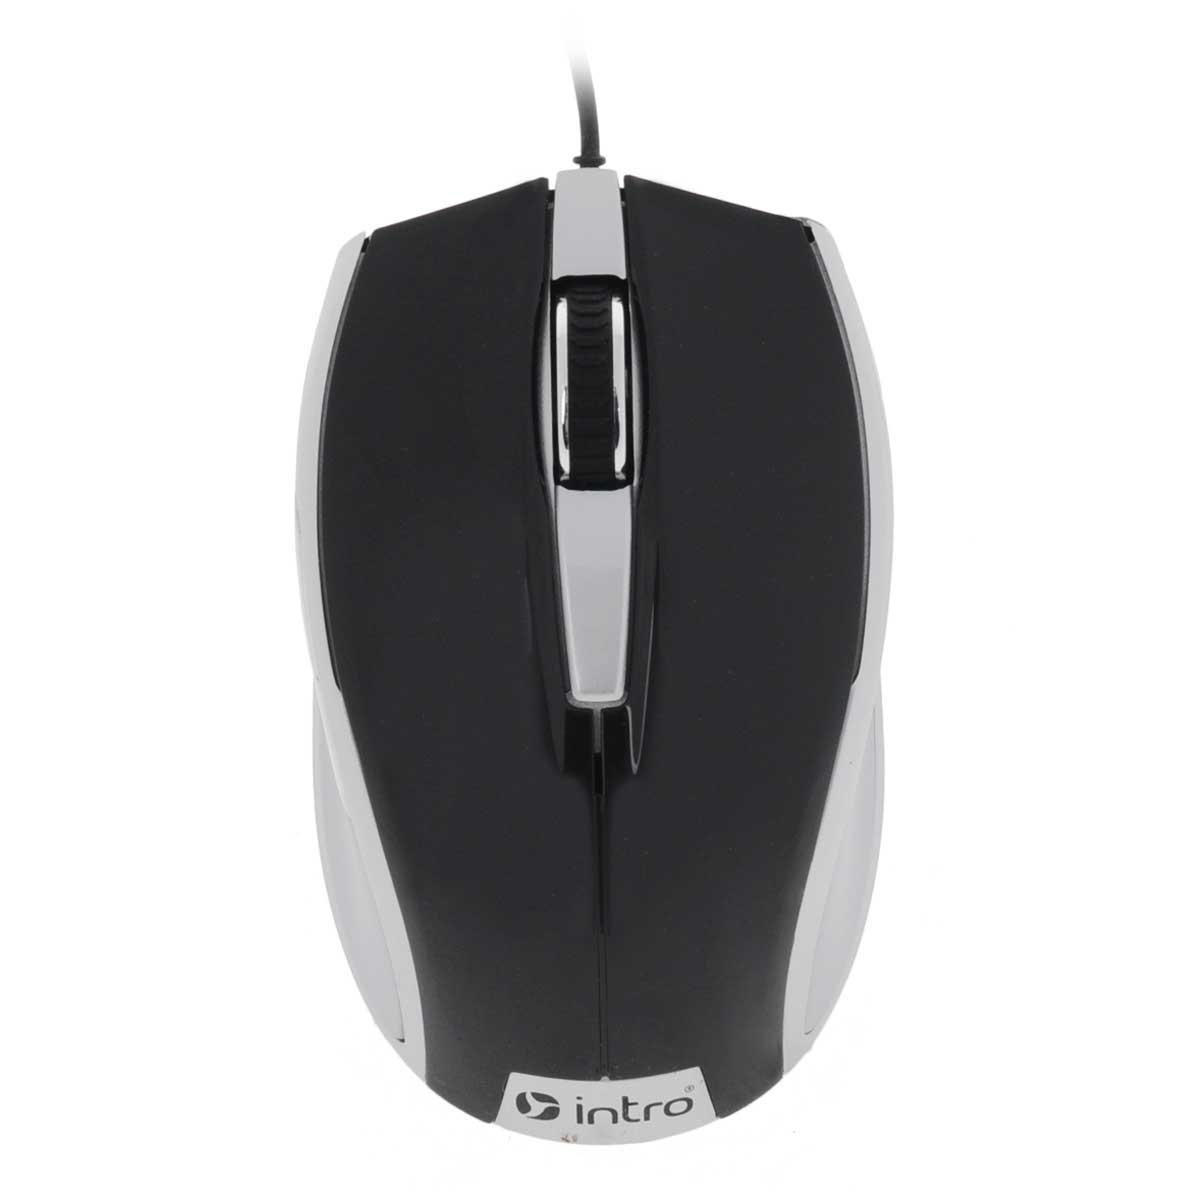 Intro MU104, Black Silver мышьMU104Стильная проводная мышь Intro MU104 обладает эргономичным дизайном и отлично подходит как для игр, так и для работы в офисе.